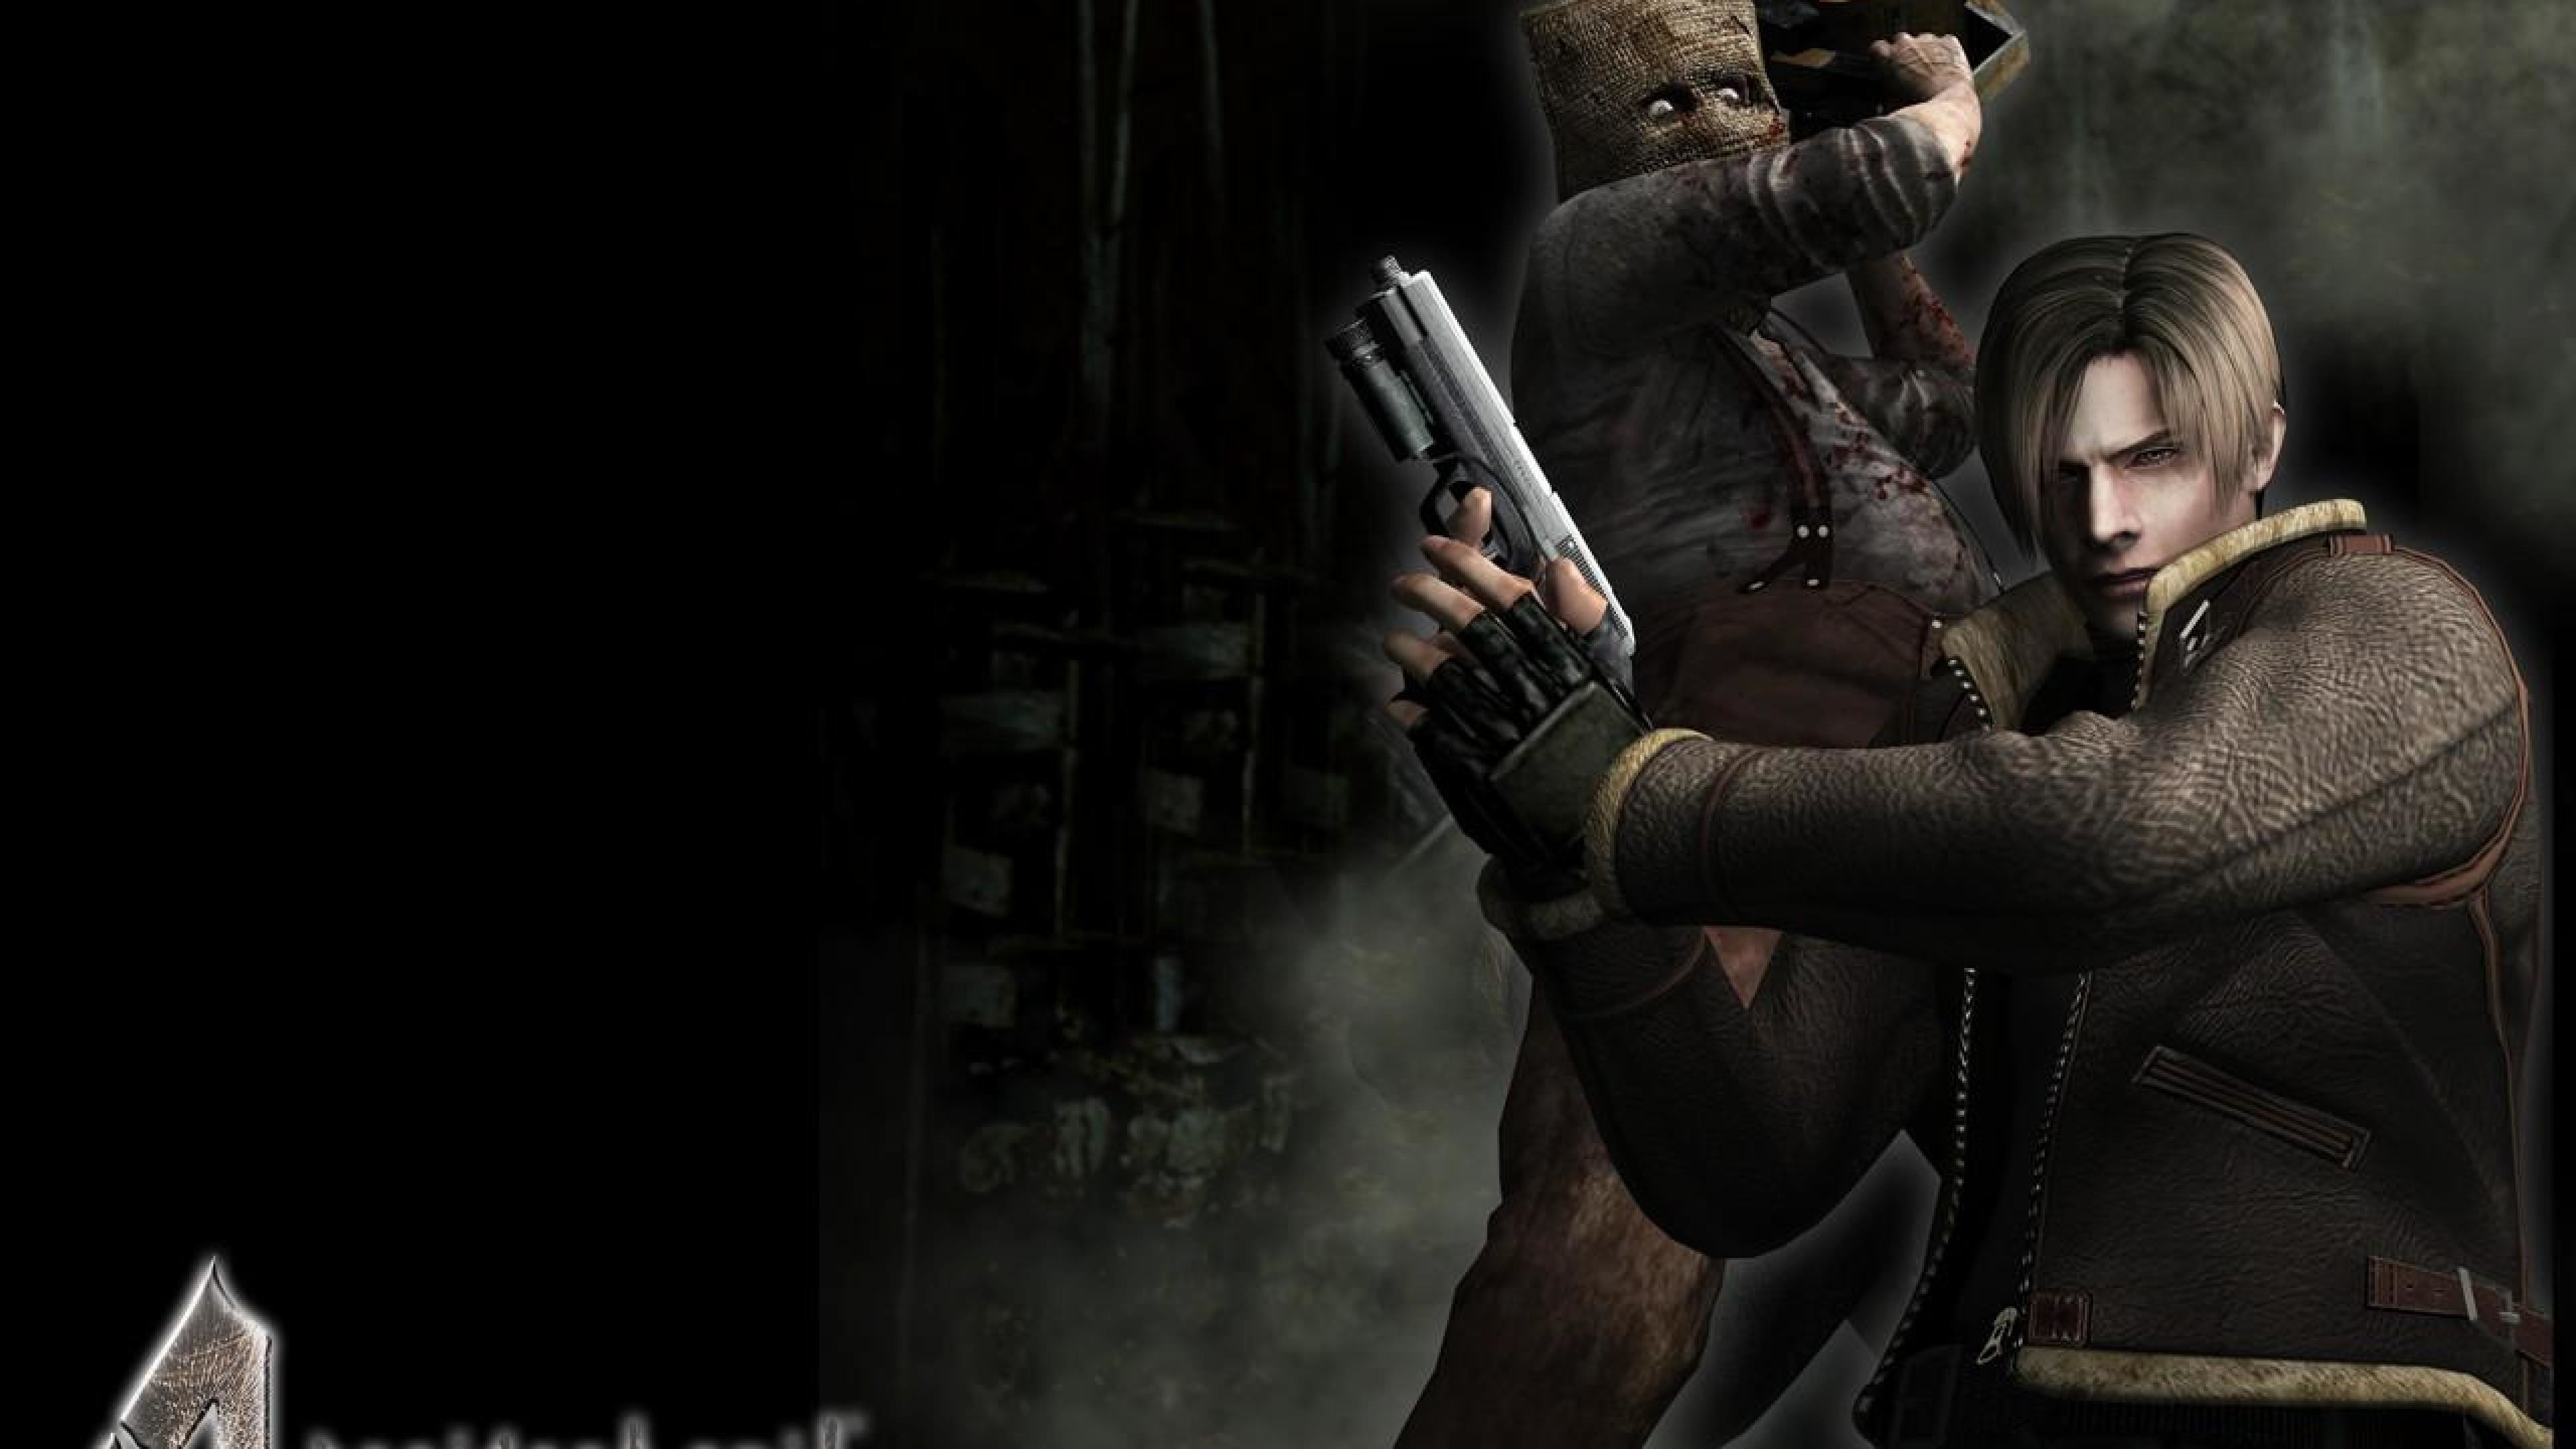 148 Resident Evil 6 Wallpaper 1080p